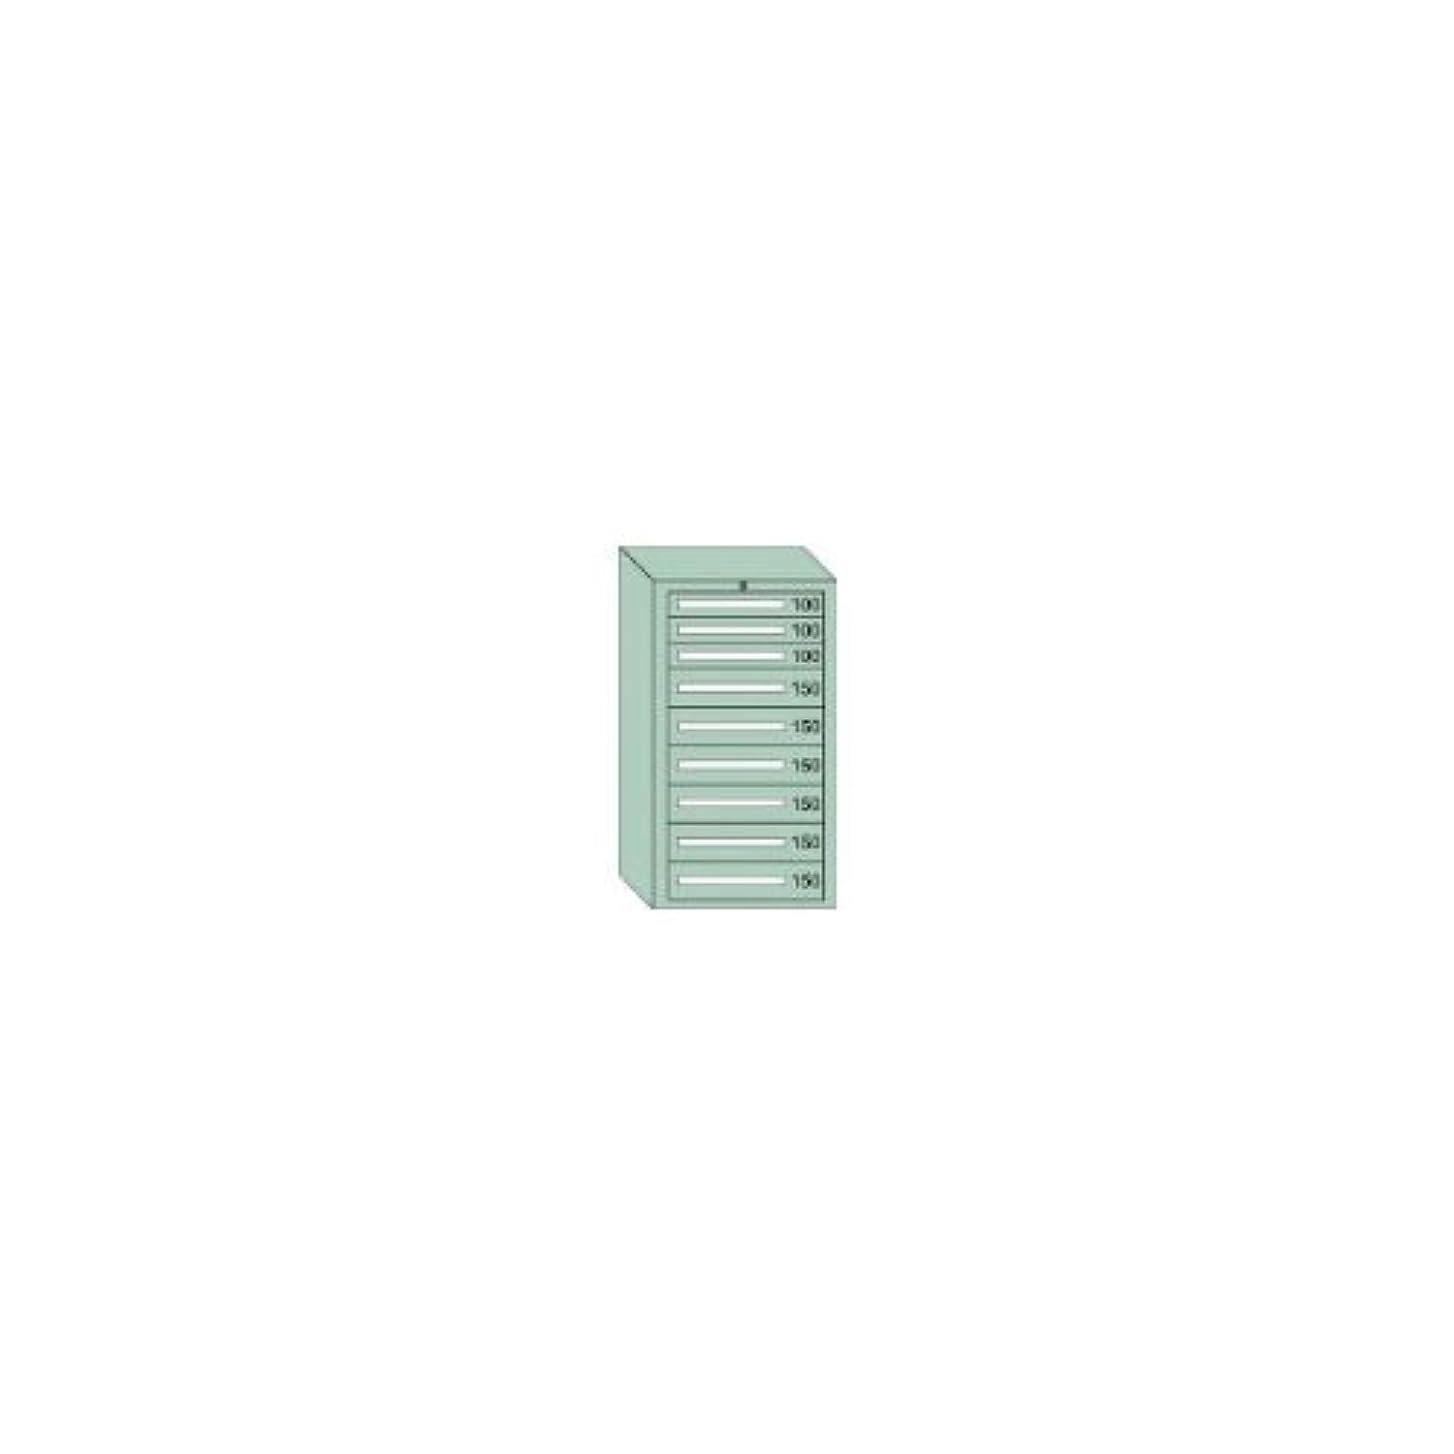 現像ライブ建設OS 中量キャビネット7型 最大積載量1200kg 引出し3×6段【71207】 (販売単位:1台)